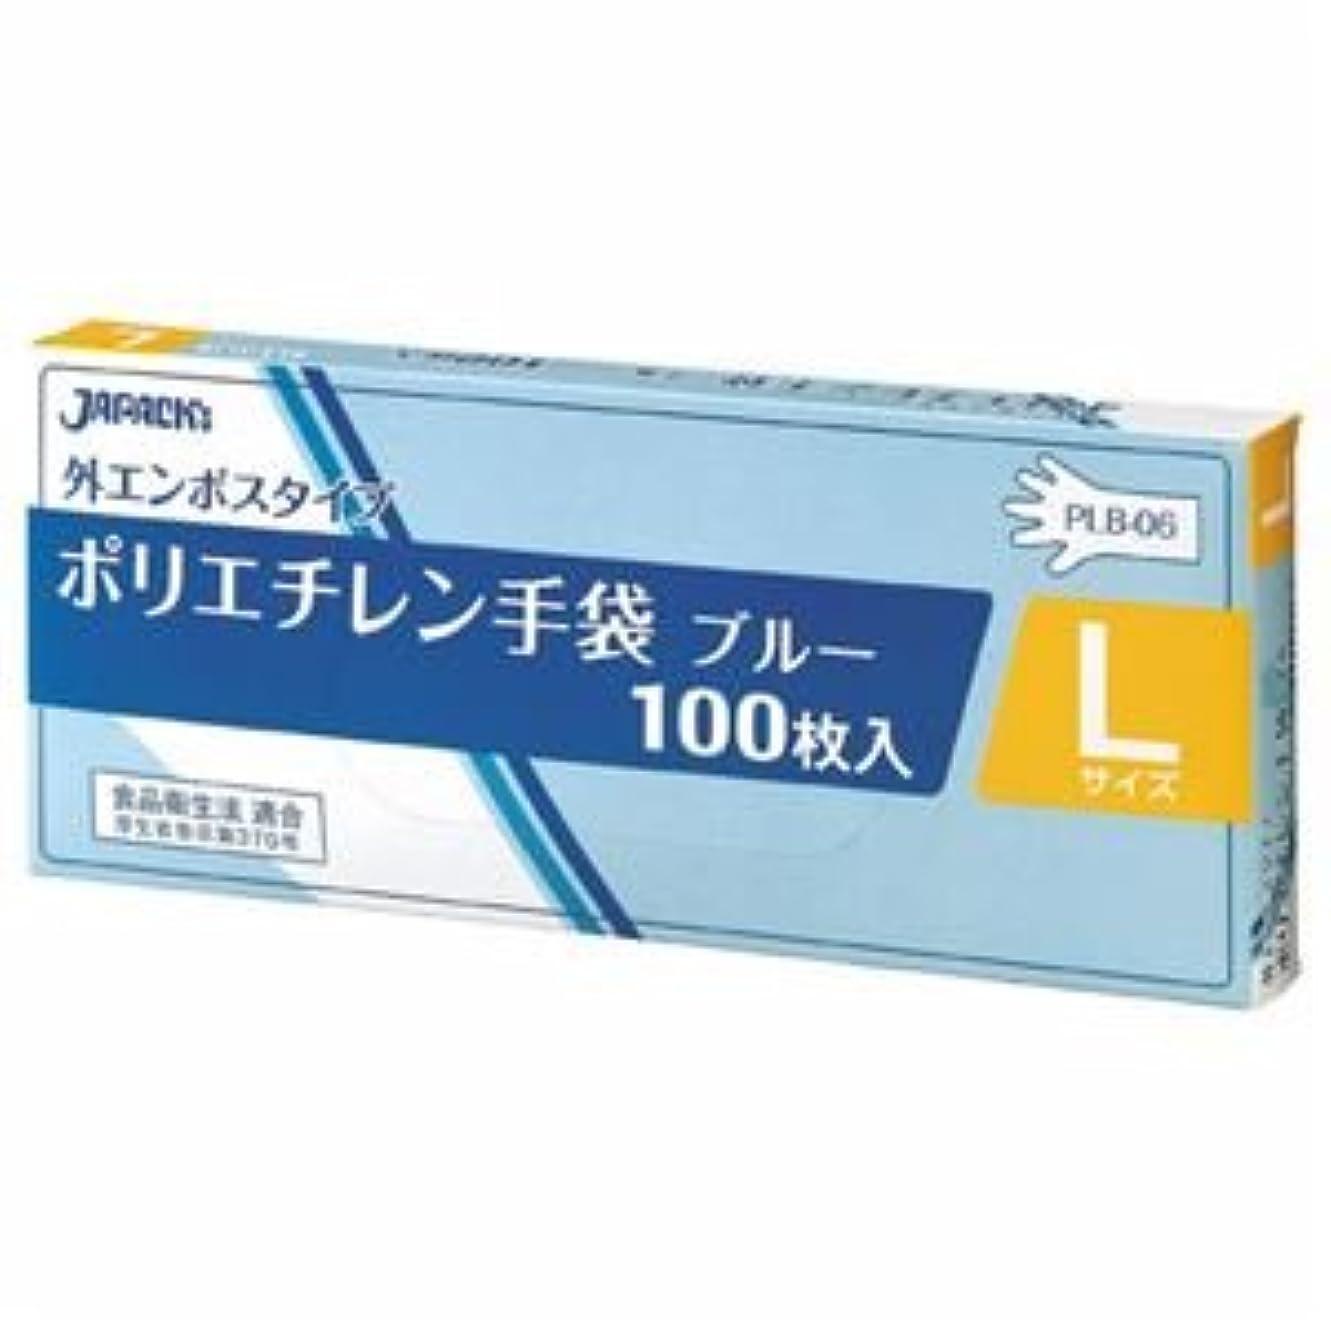 ナイトスポット始める効能(まとめ) ジャパックス 外エンボスLDポリ手袋BOX L 青 PLB06 1パック(100枚) 【×20セット】 ds-1583310